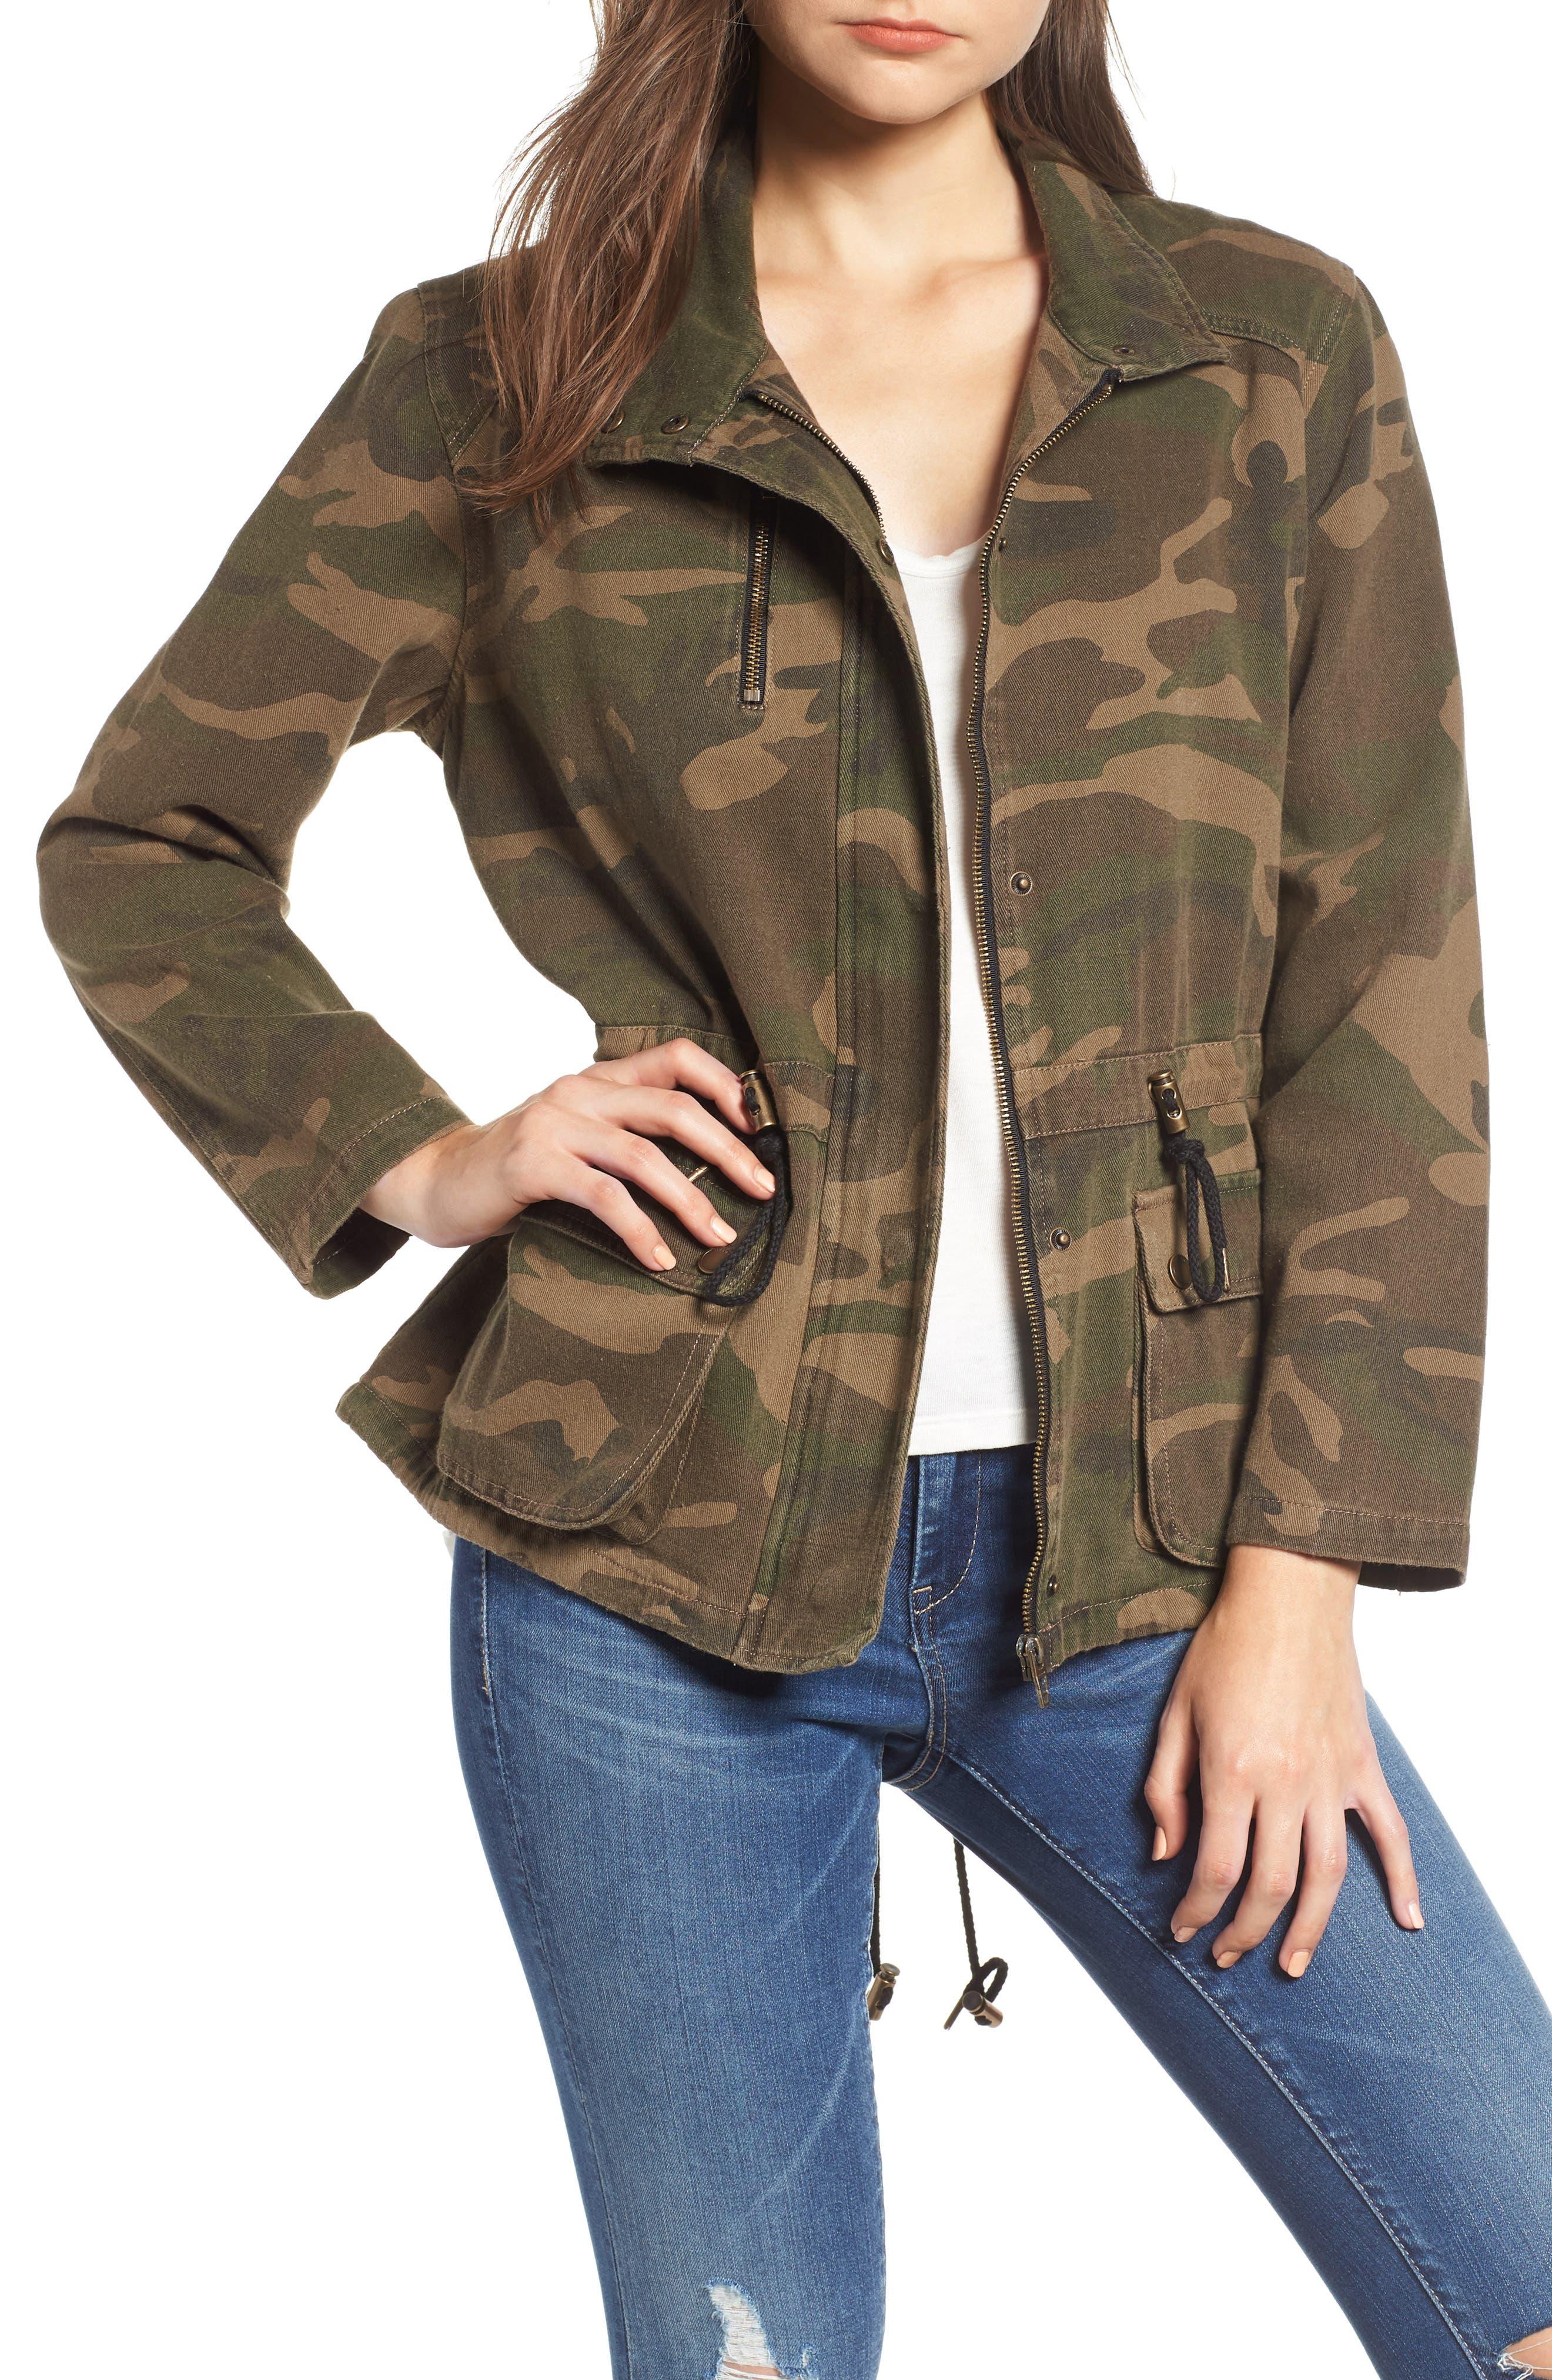 Camo Print Army Jacket,                             Main thumbnail 1, color,                             ARMY GREEN